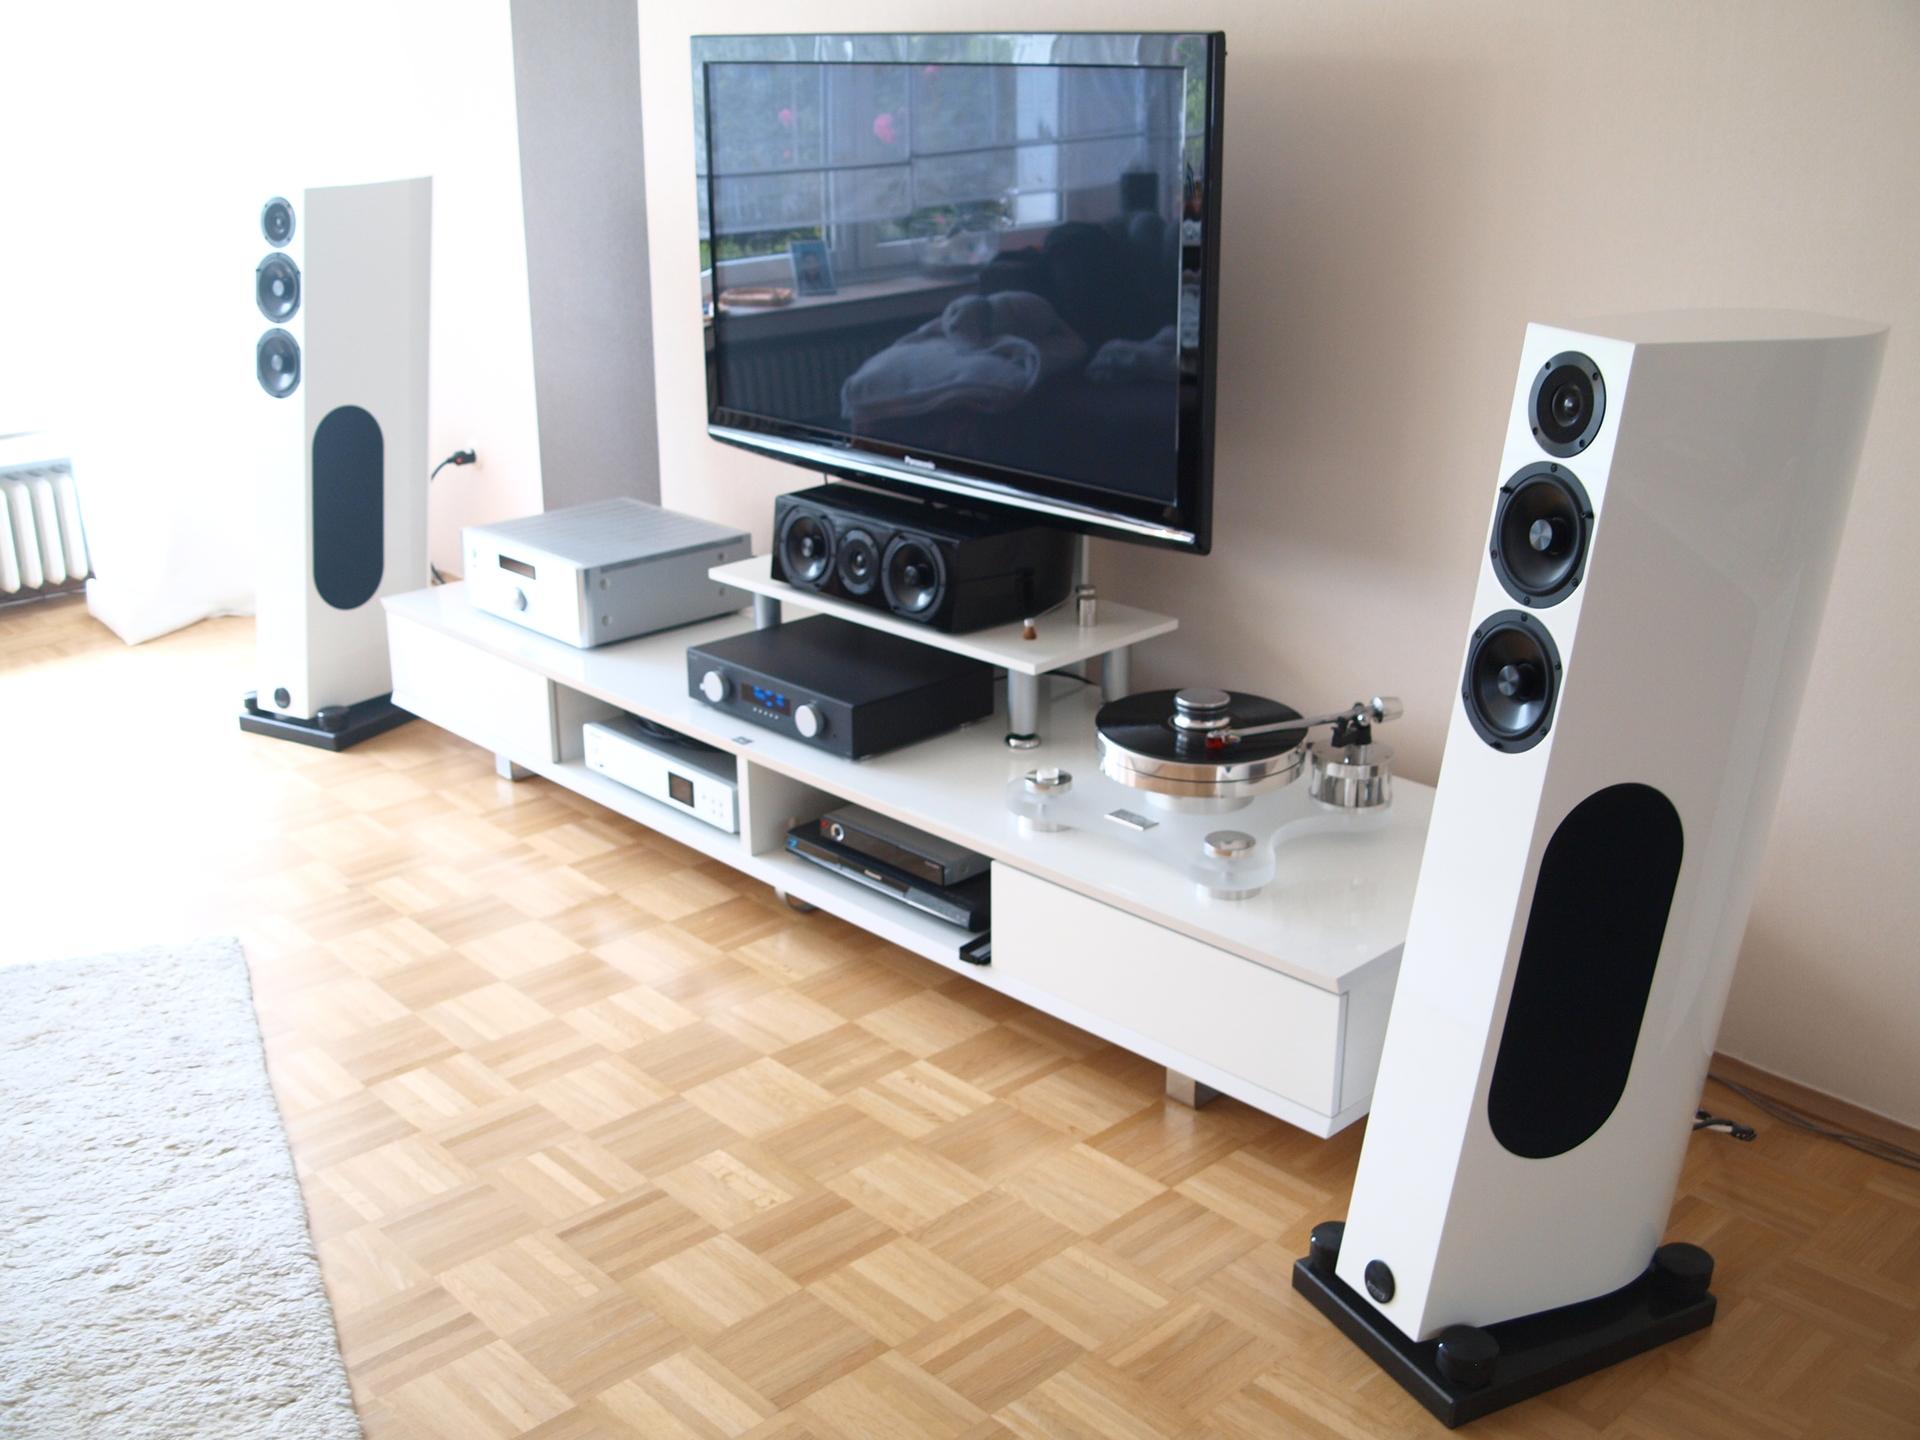 avm a3 2 und audio physic celsius optimiert a32 audio avm celsius optimiert physic. Black Bedroom Furniture Sets. Home Design Ideas